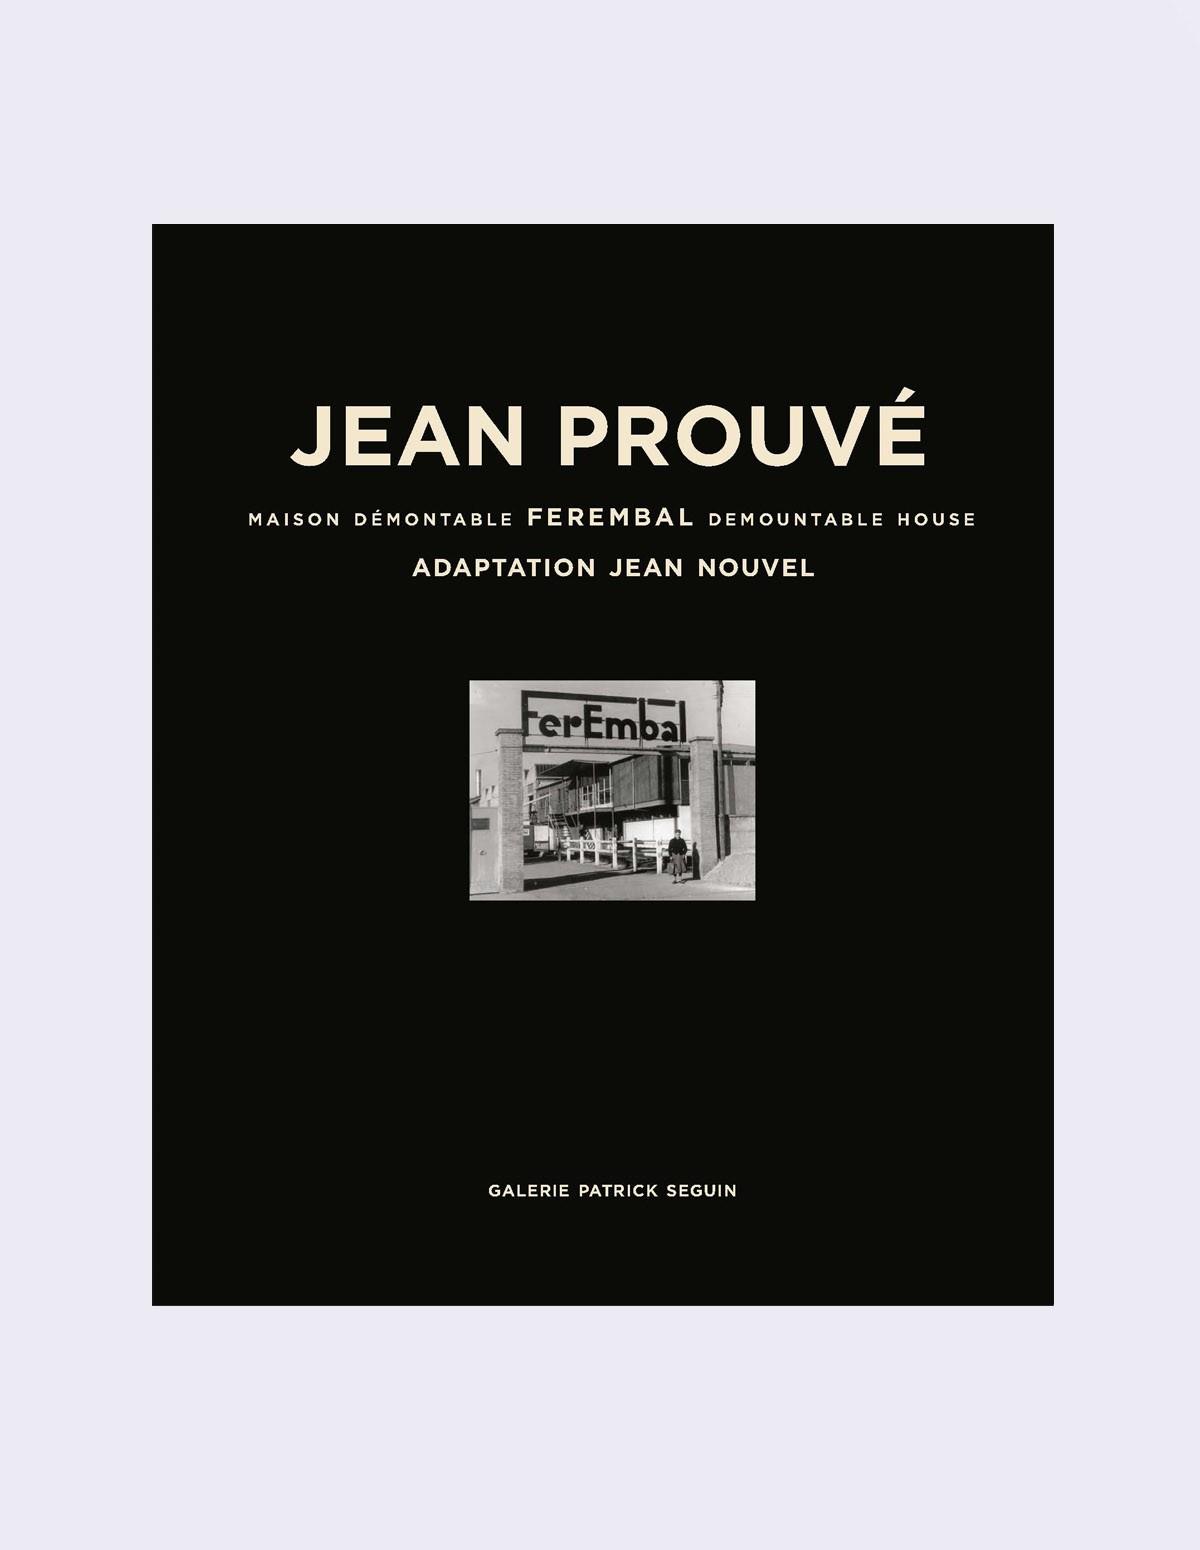 J. PROUVE MAISON DEMOUNTABLE